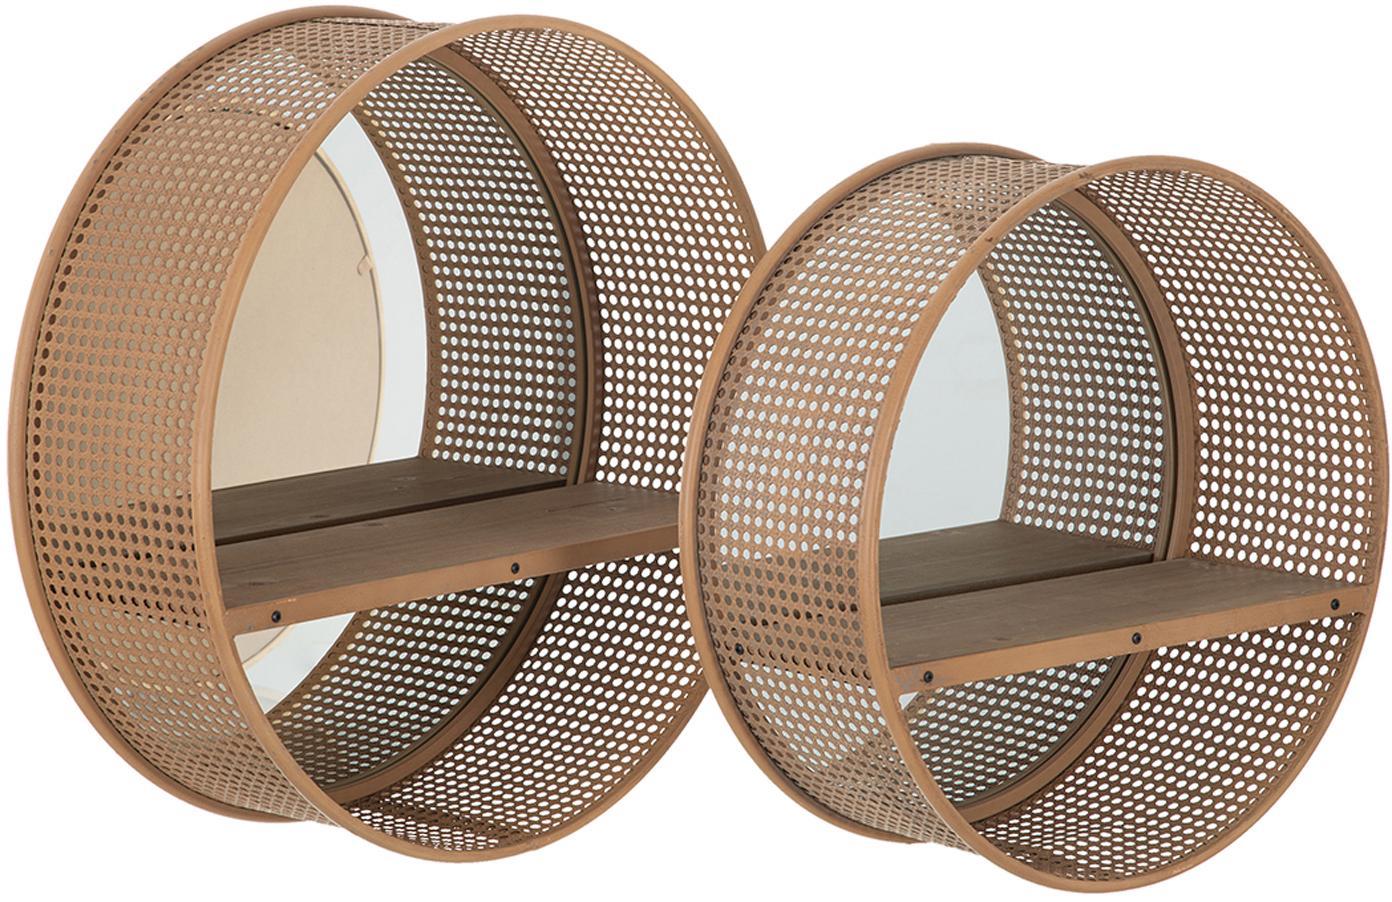 Set de estantes de pared Thomi, 2uds., con espejos, Estante: ratán, Espejo: cristal, Beige, Set de diferentes tamaños